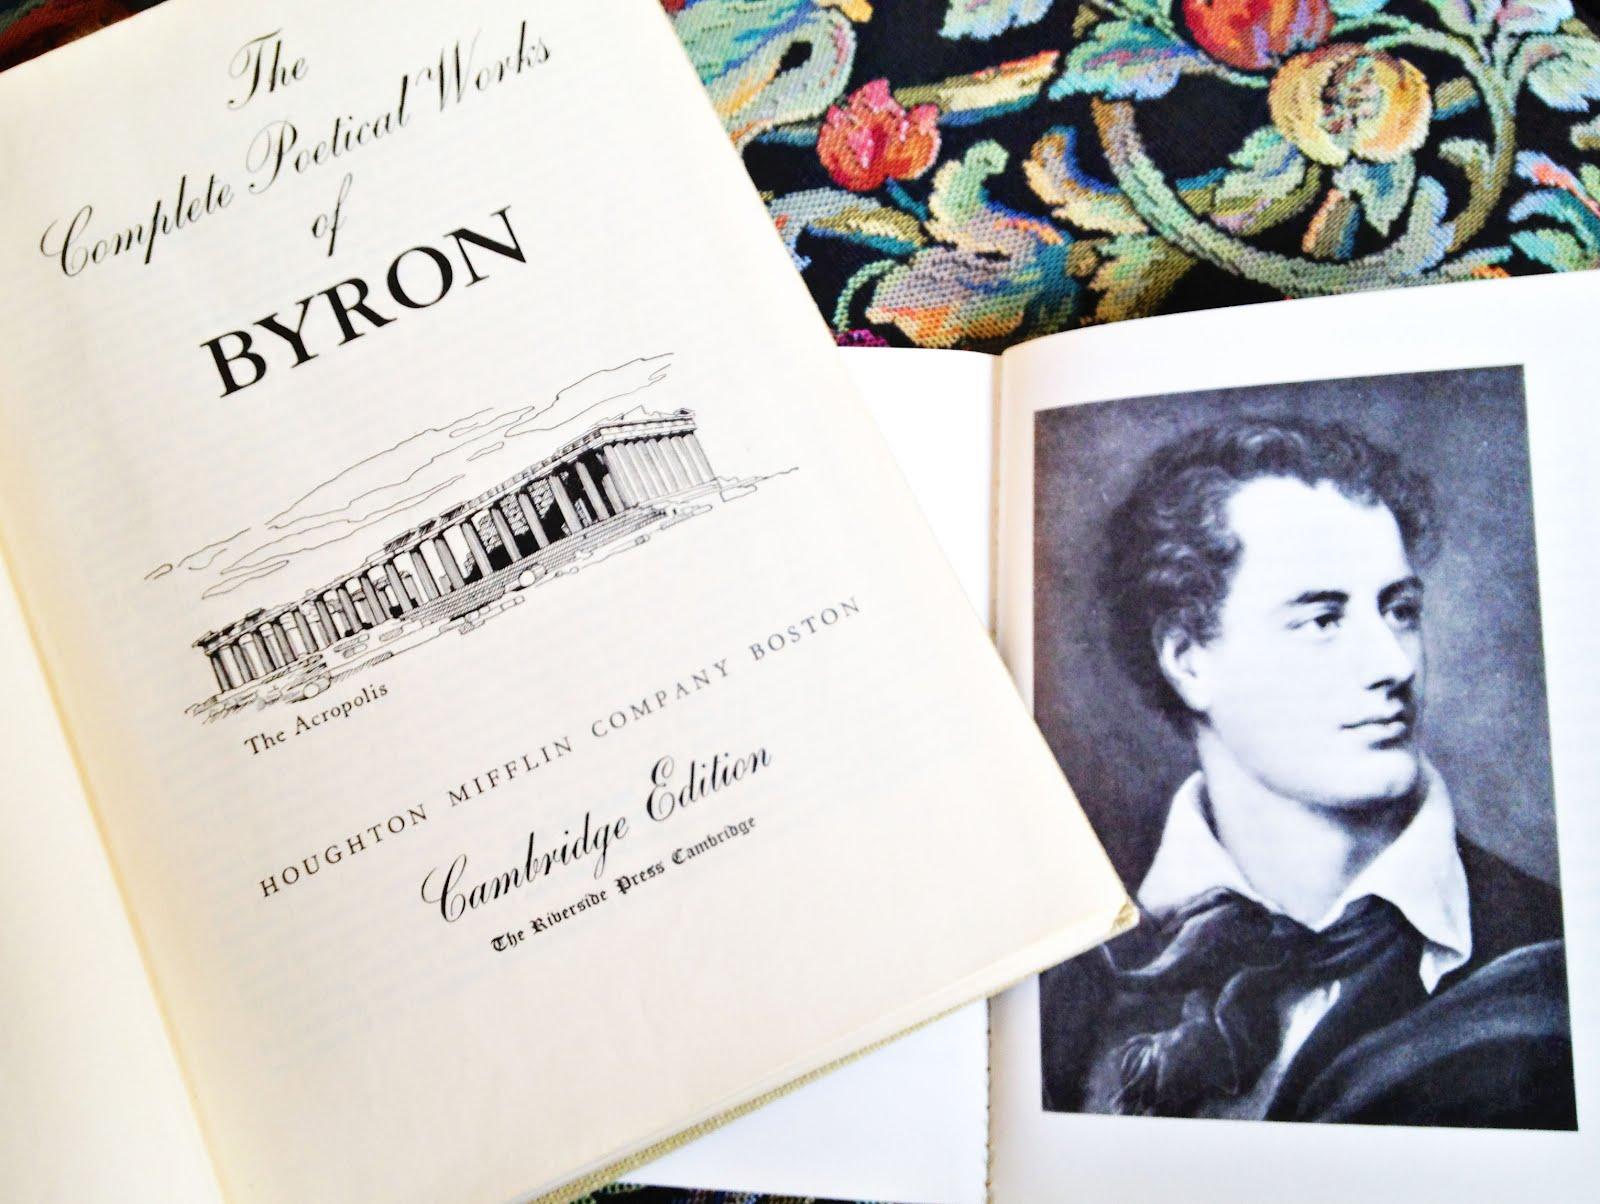 by Lord Byron (George Gordon)